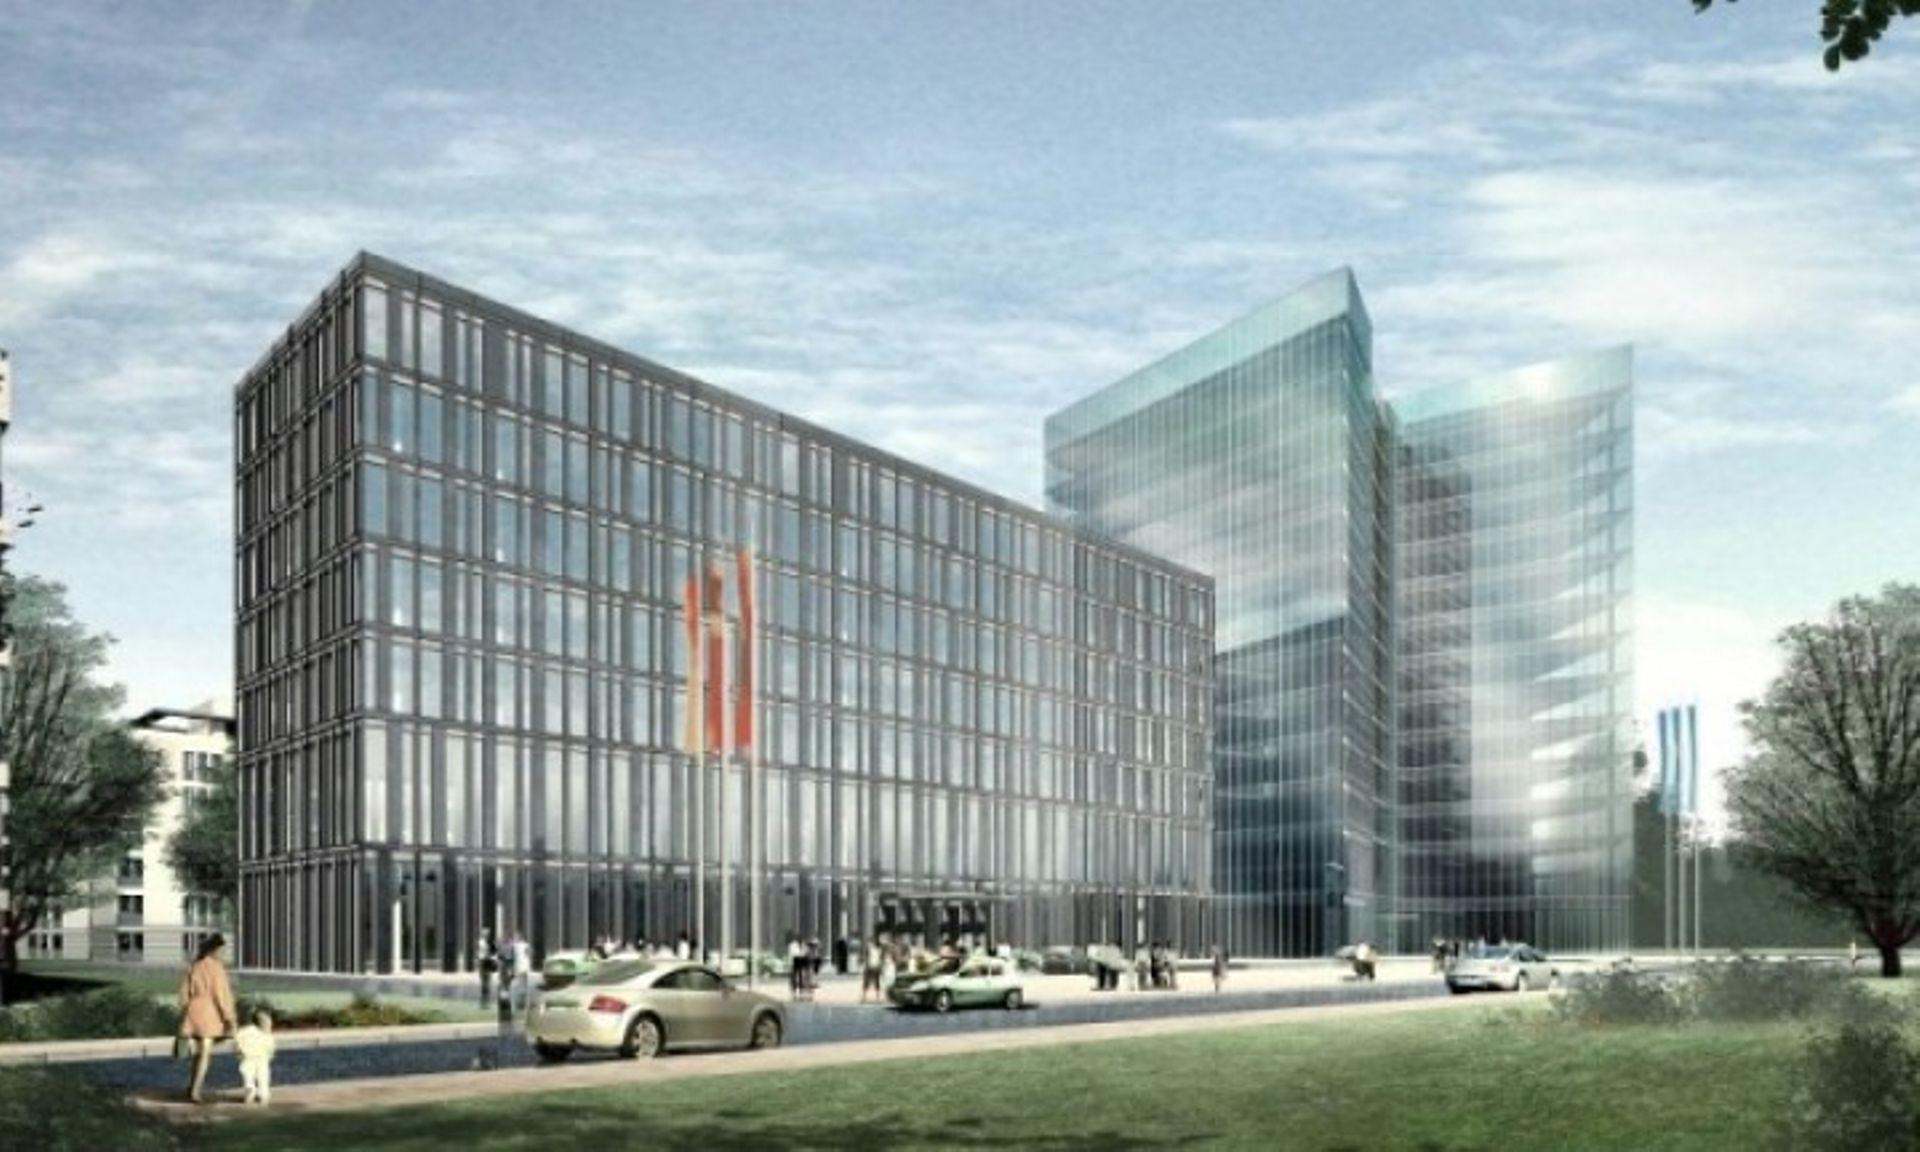 Łódź: Mostostal Warszawa wybuduje biurowiec Cross Point C